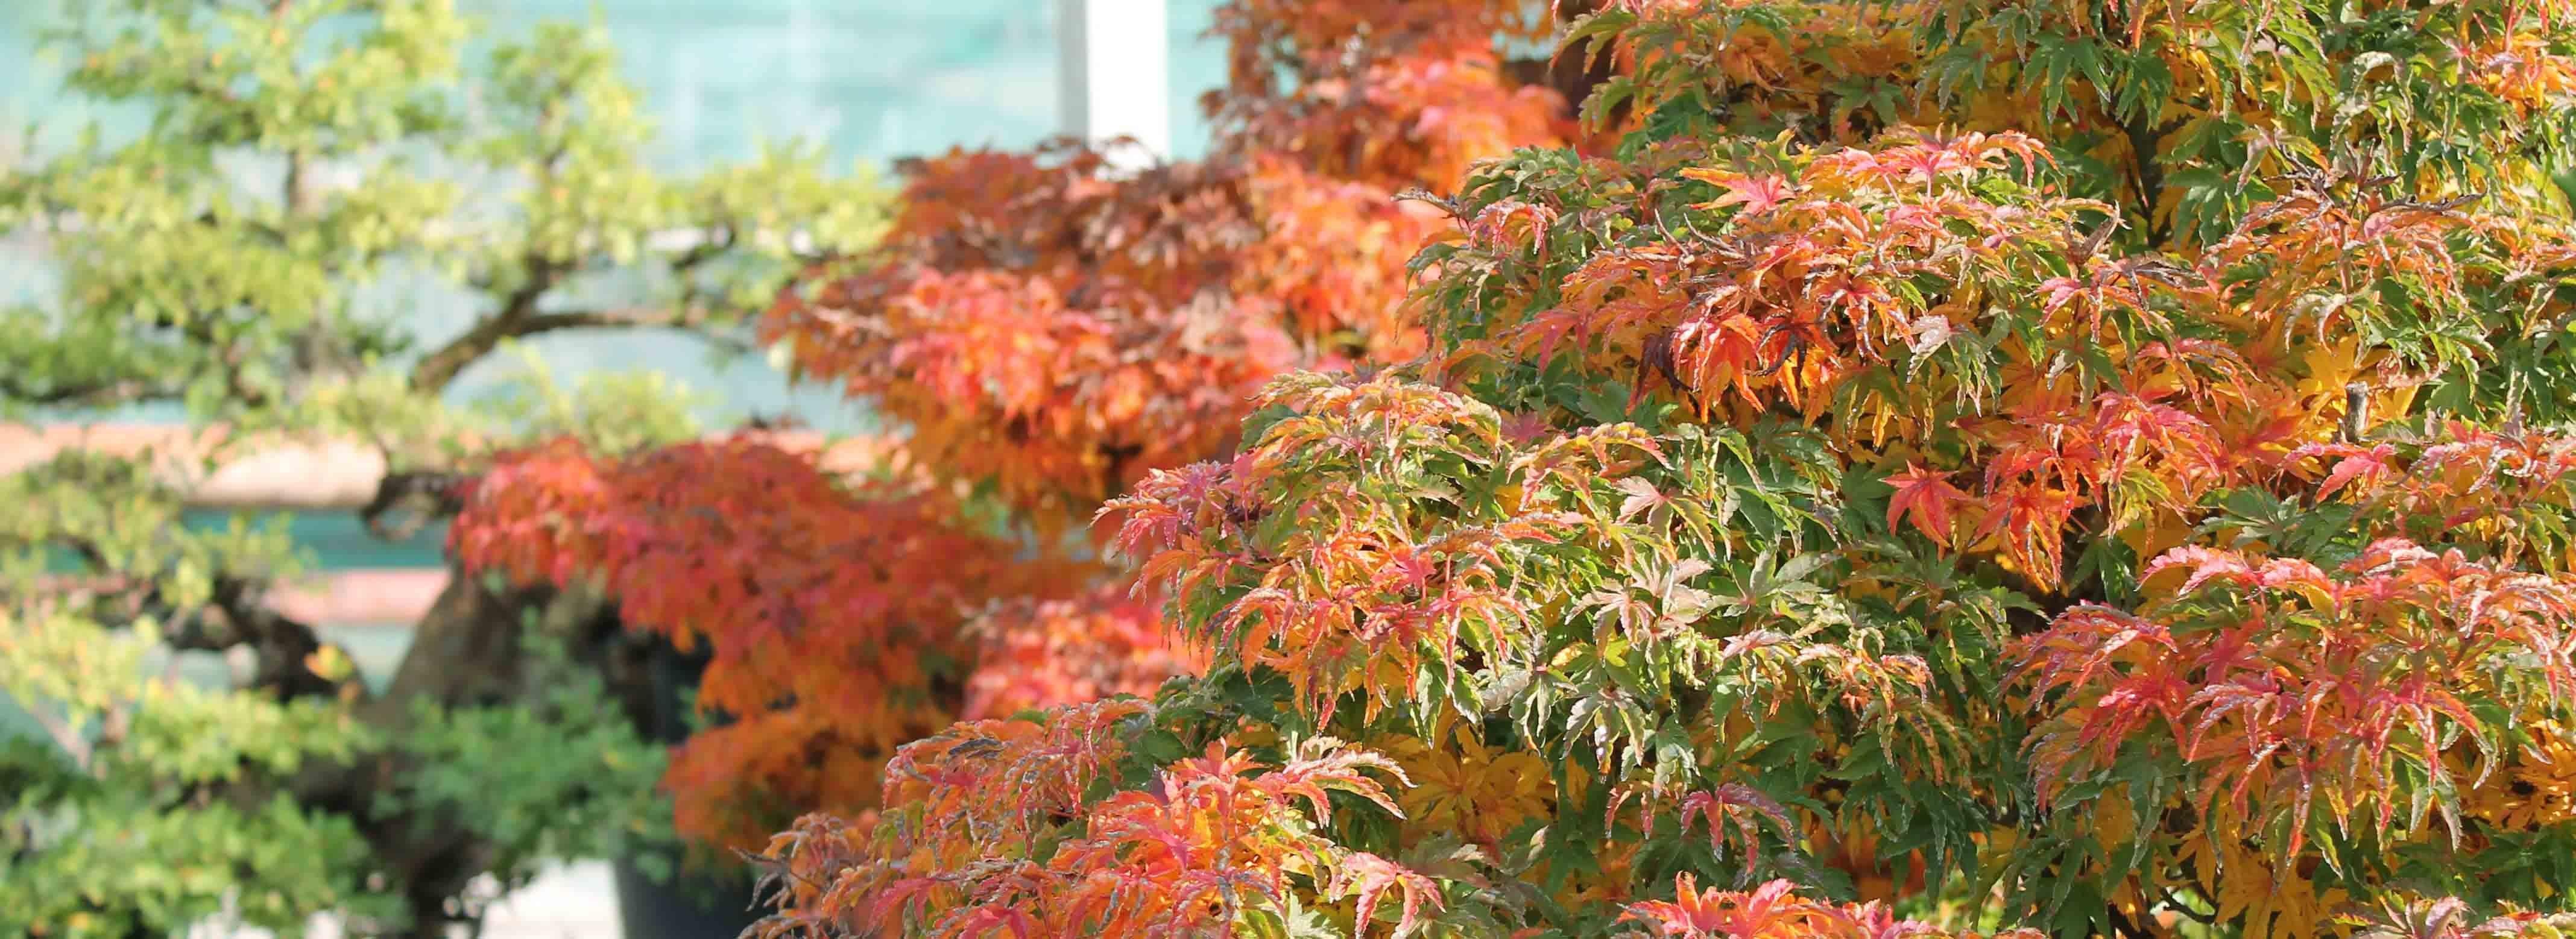 Erable automne 2